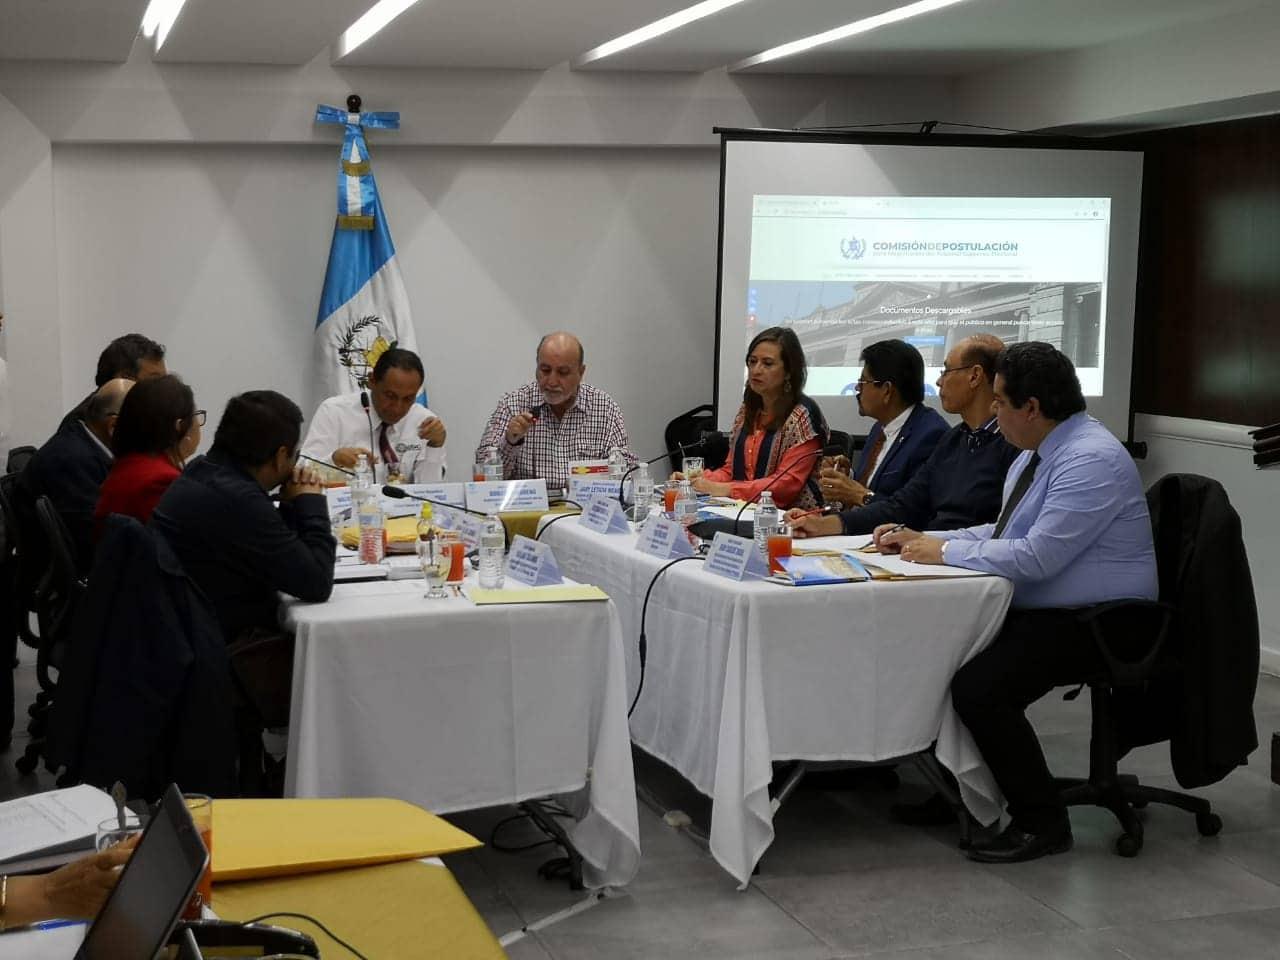 Comisión de Postulación para el TSE.